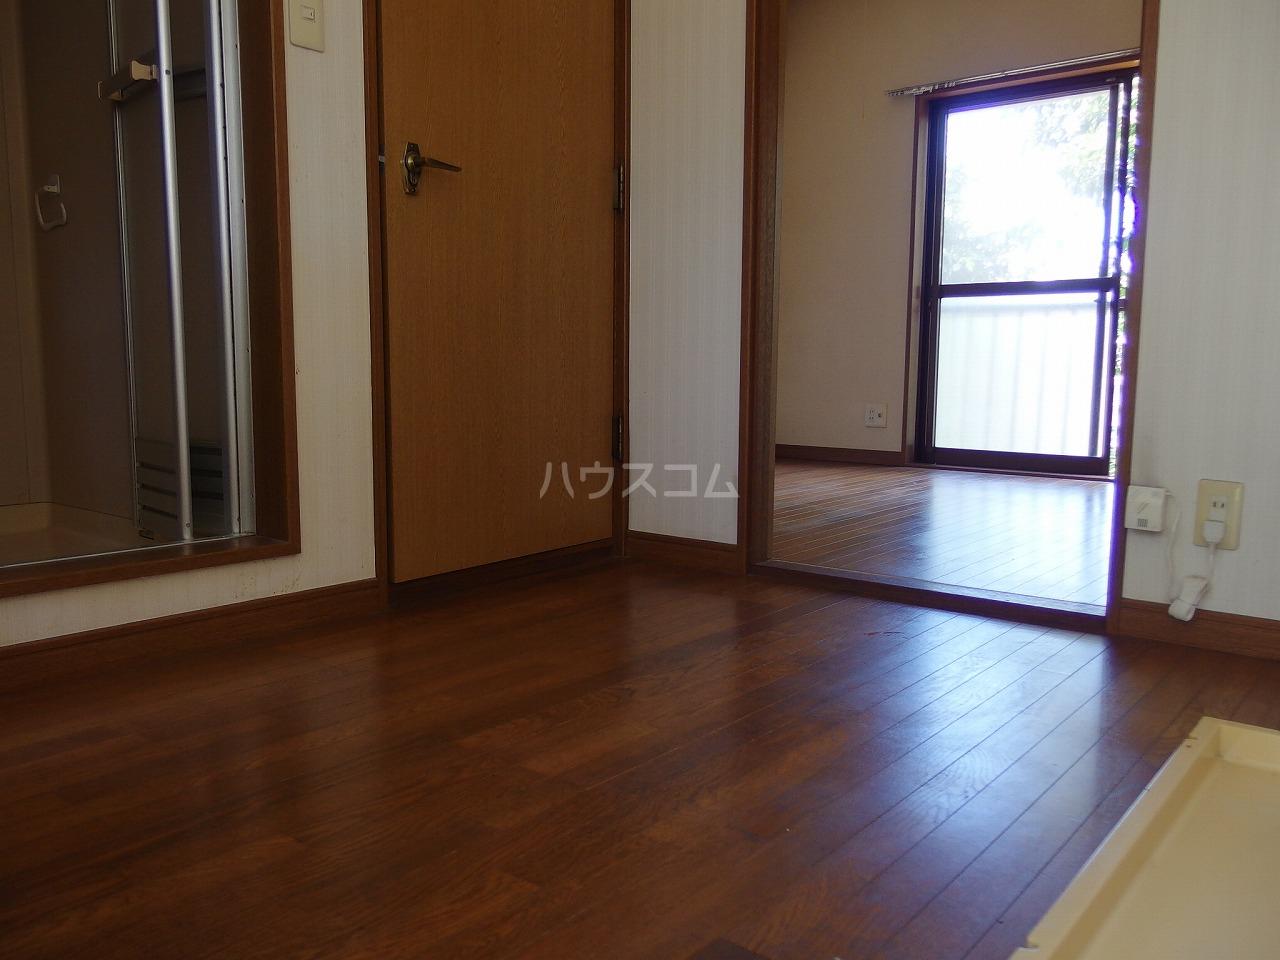 コーポナカザヤ 202号室の居室